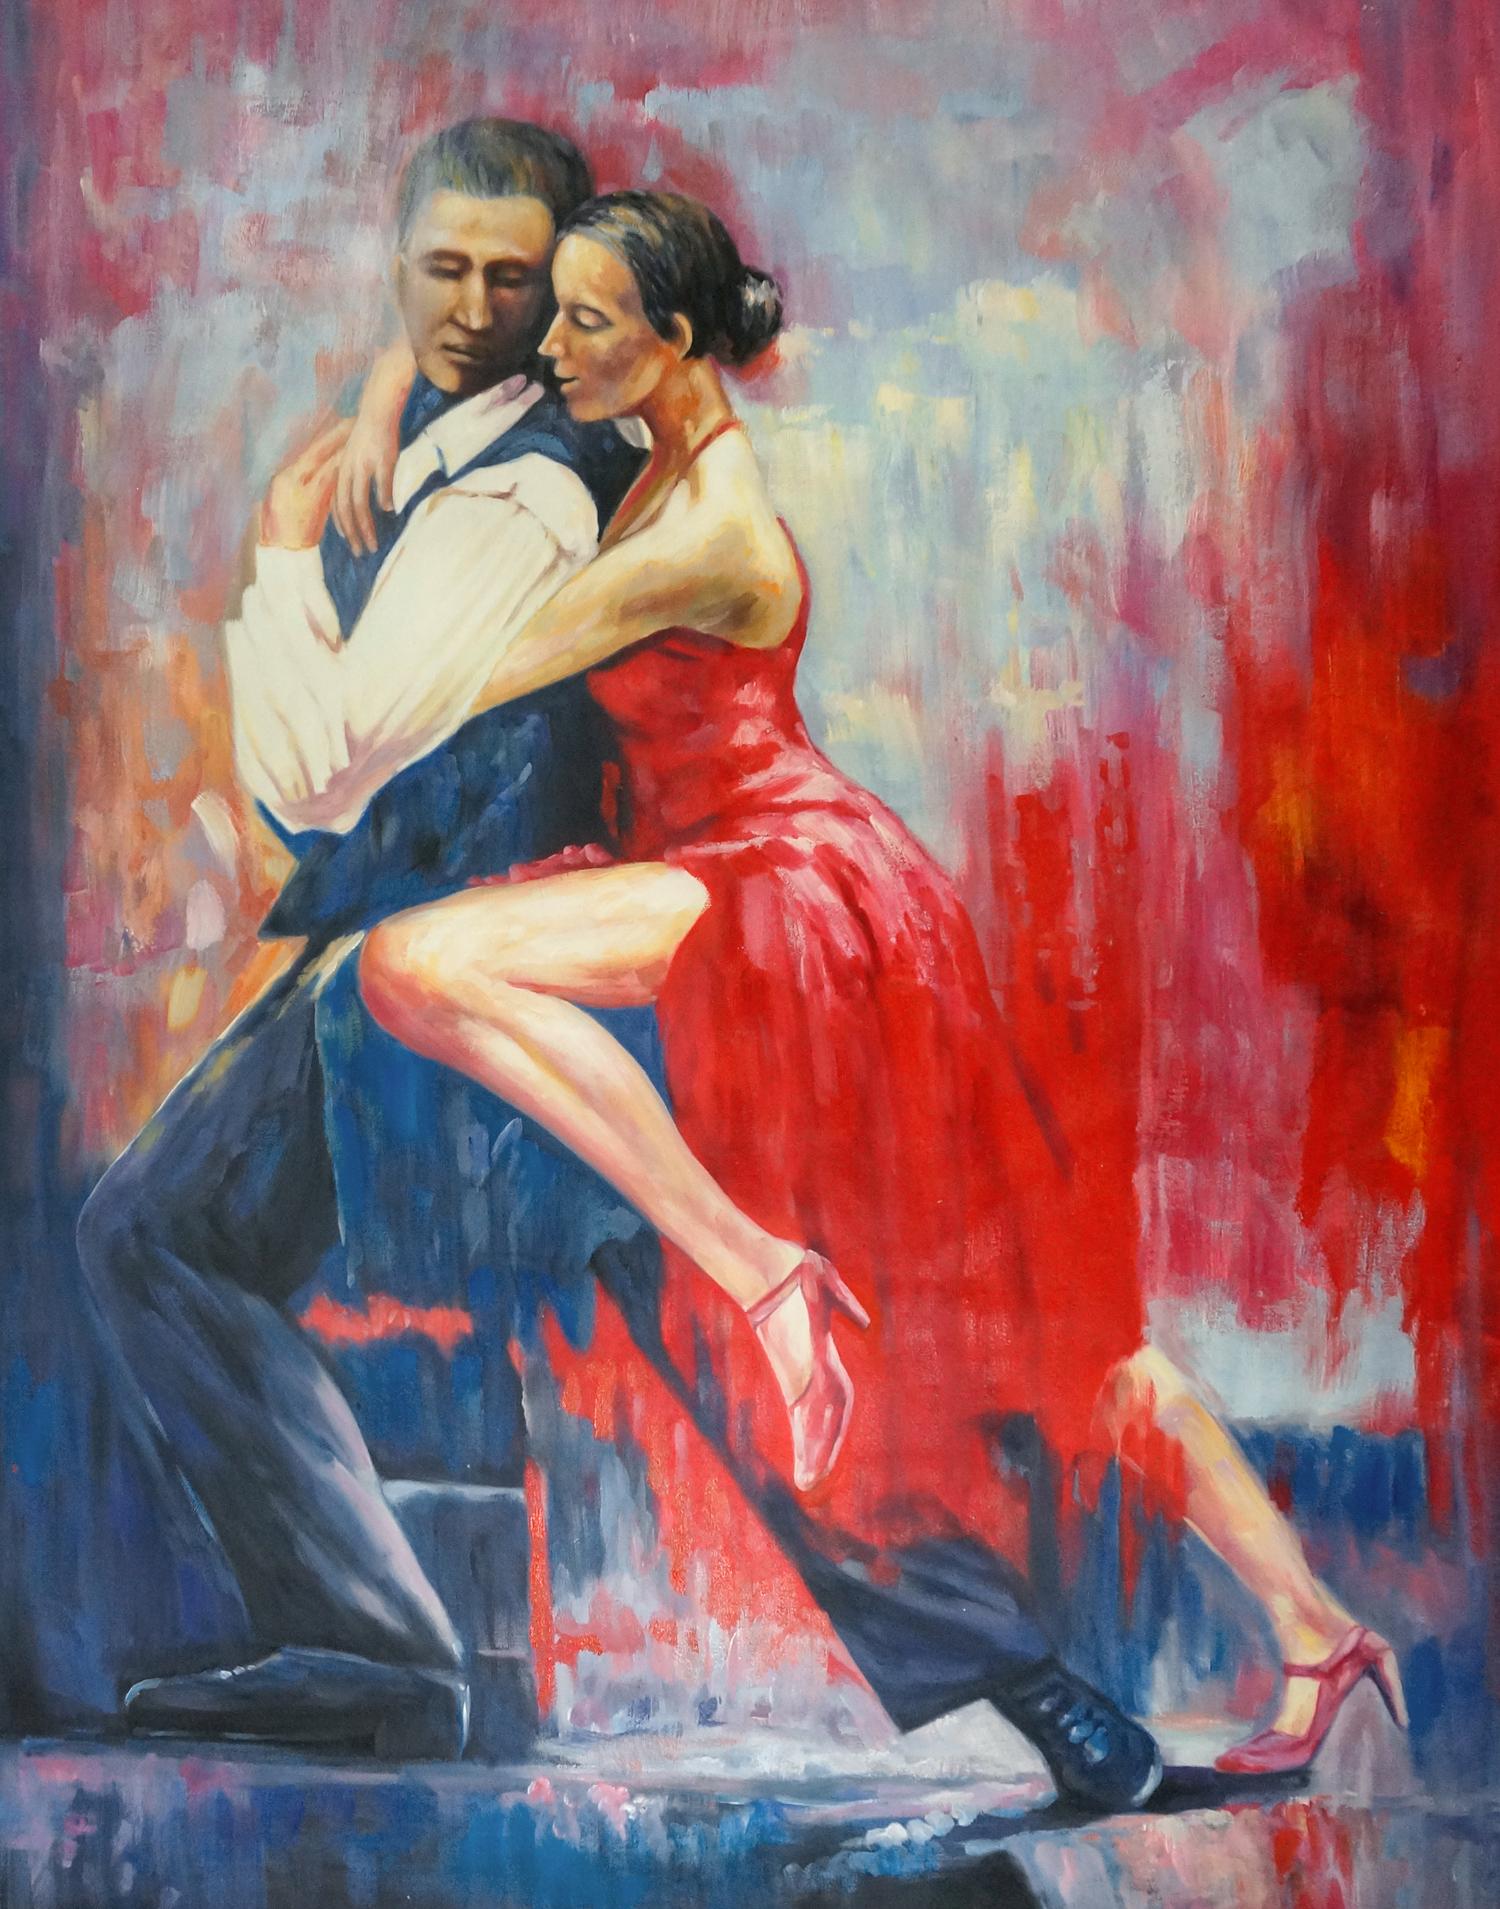 Schilderij Danser Danseres Flamenco Liefde